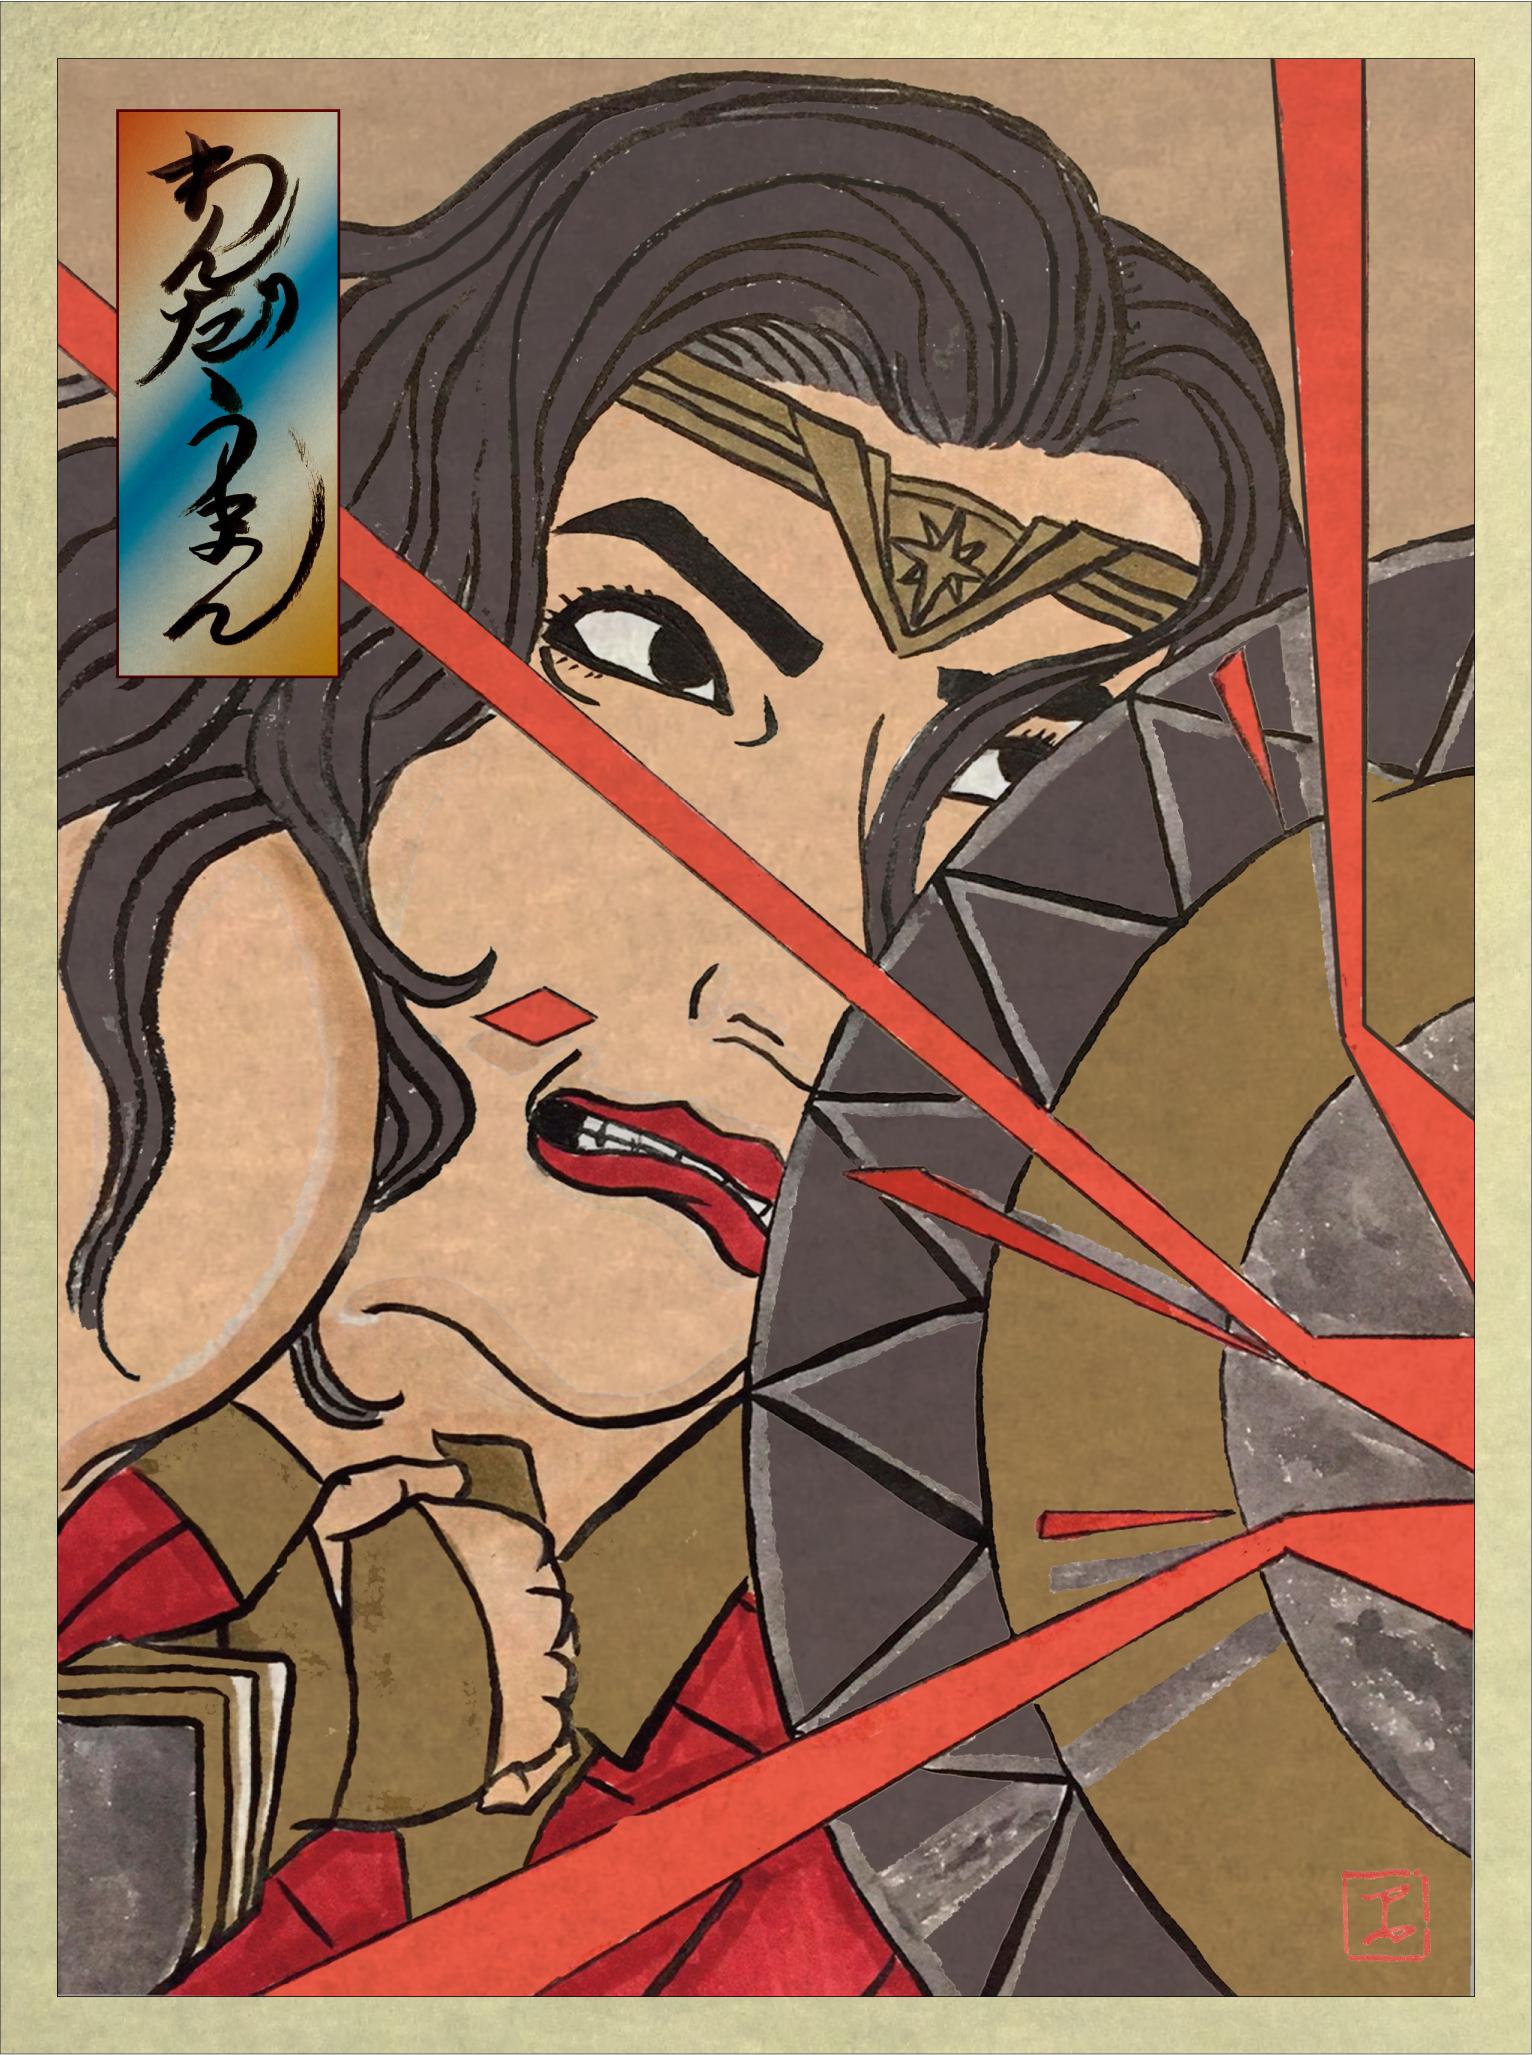 映画『ワンダー・ウーマン』 浮世絵風似顔絵 Kenji Iwasaki 岩崎健児